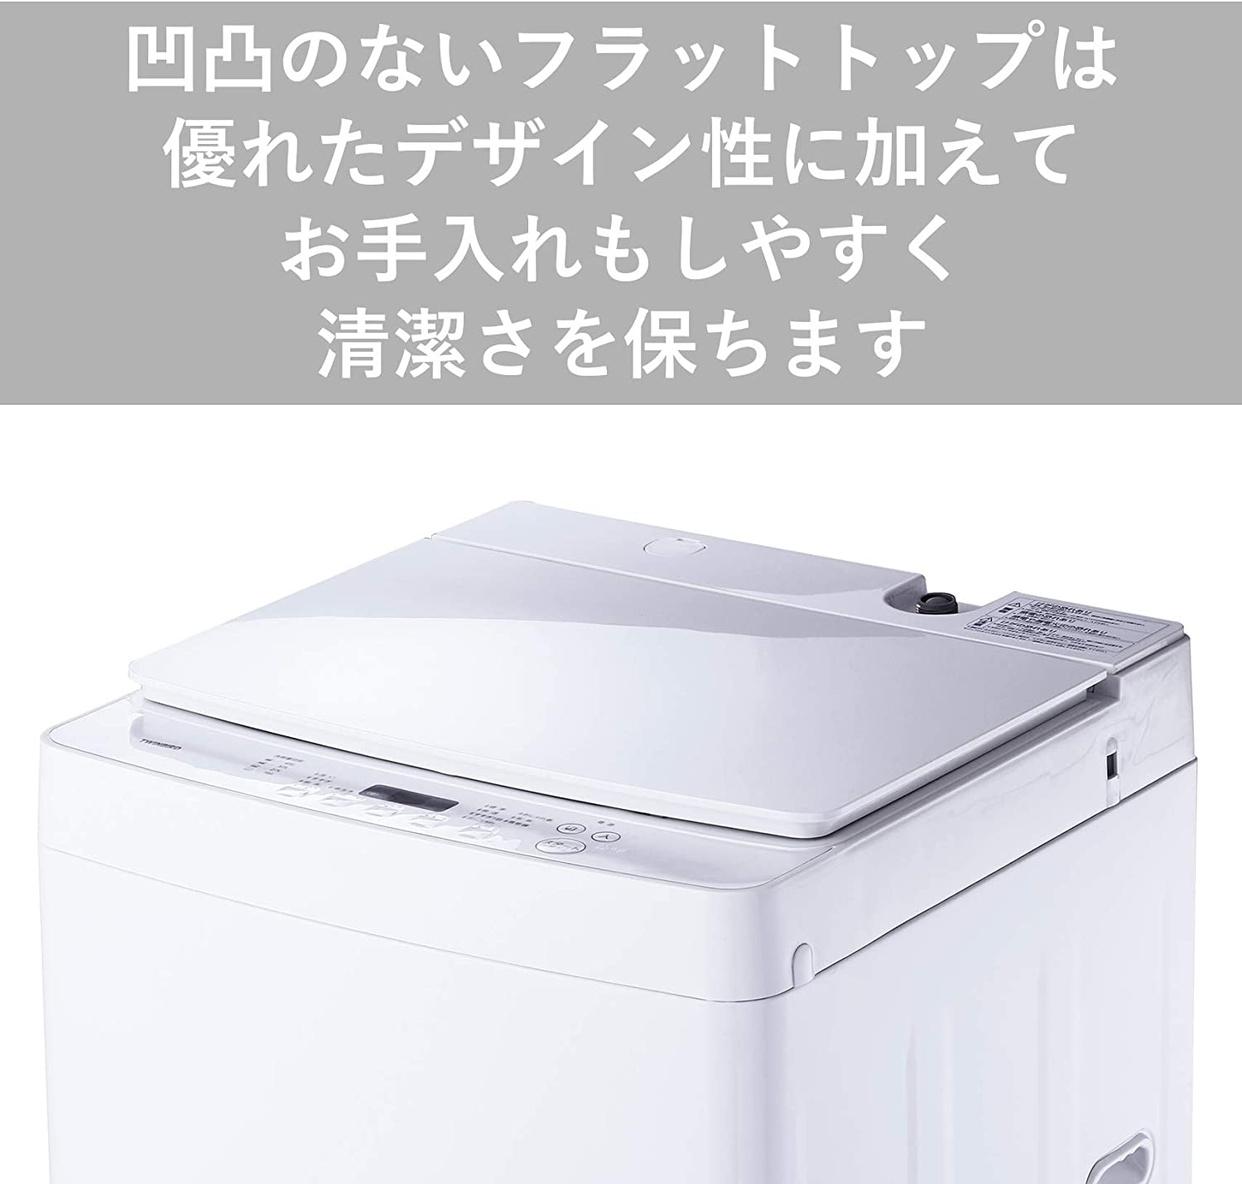 TWINBIRD(ツインバード) 全自動洗濯機 KWM-EC55Wの商品画像4